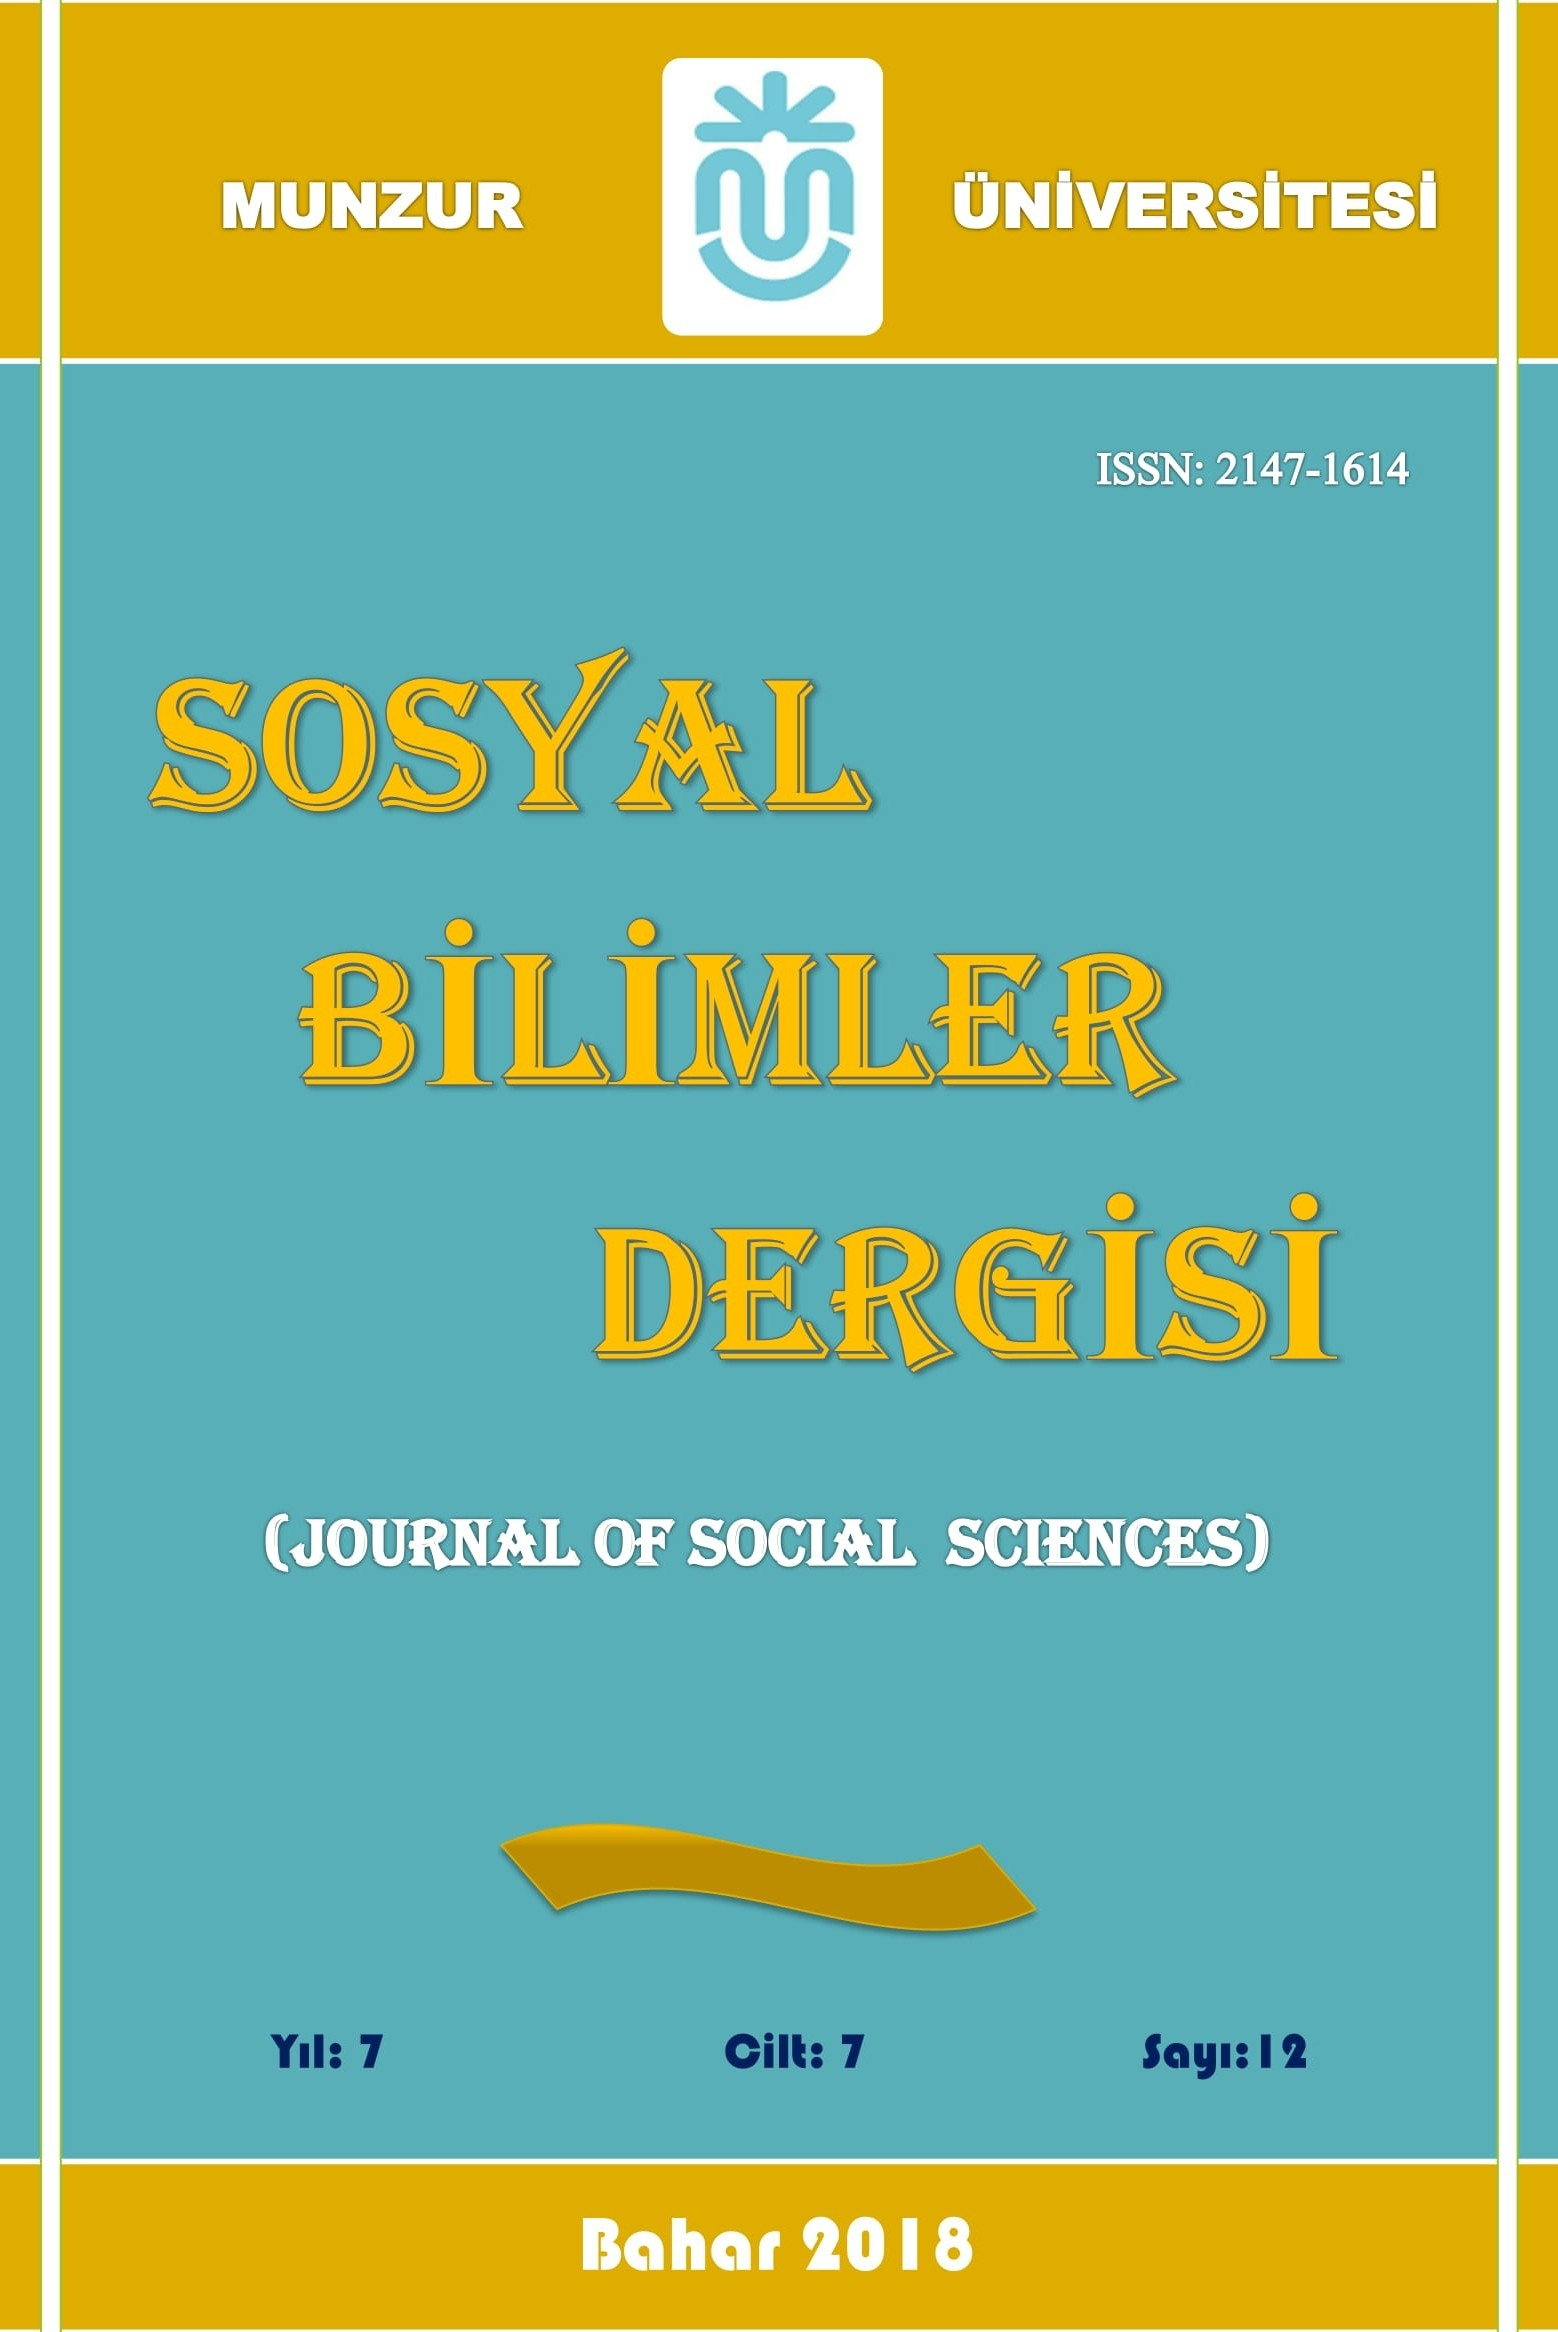 Munzur Üniversitesi Sosyal Bilimler Dergisi